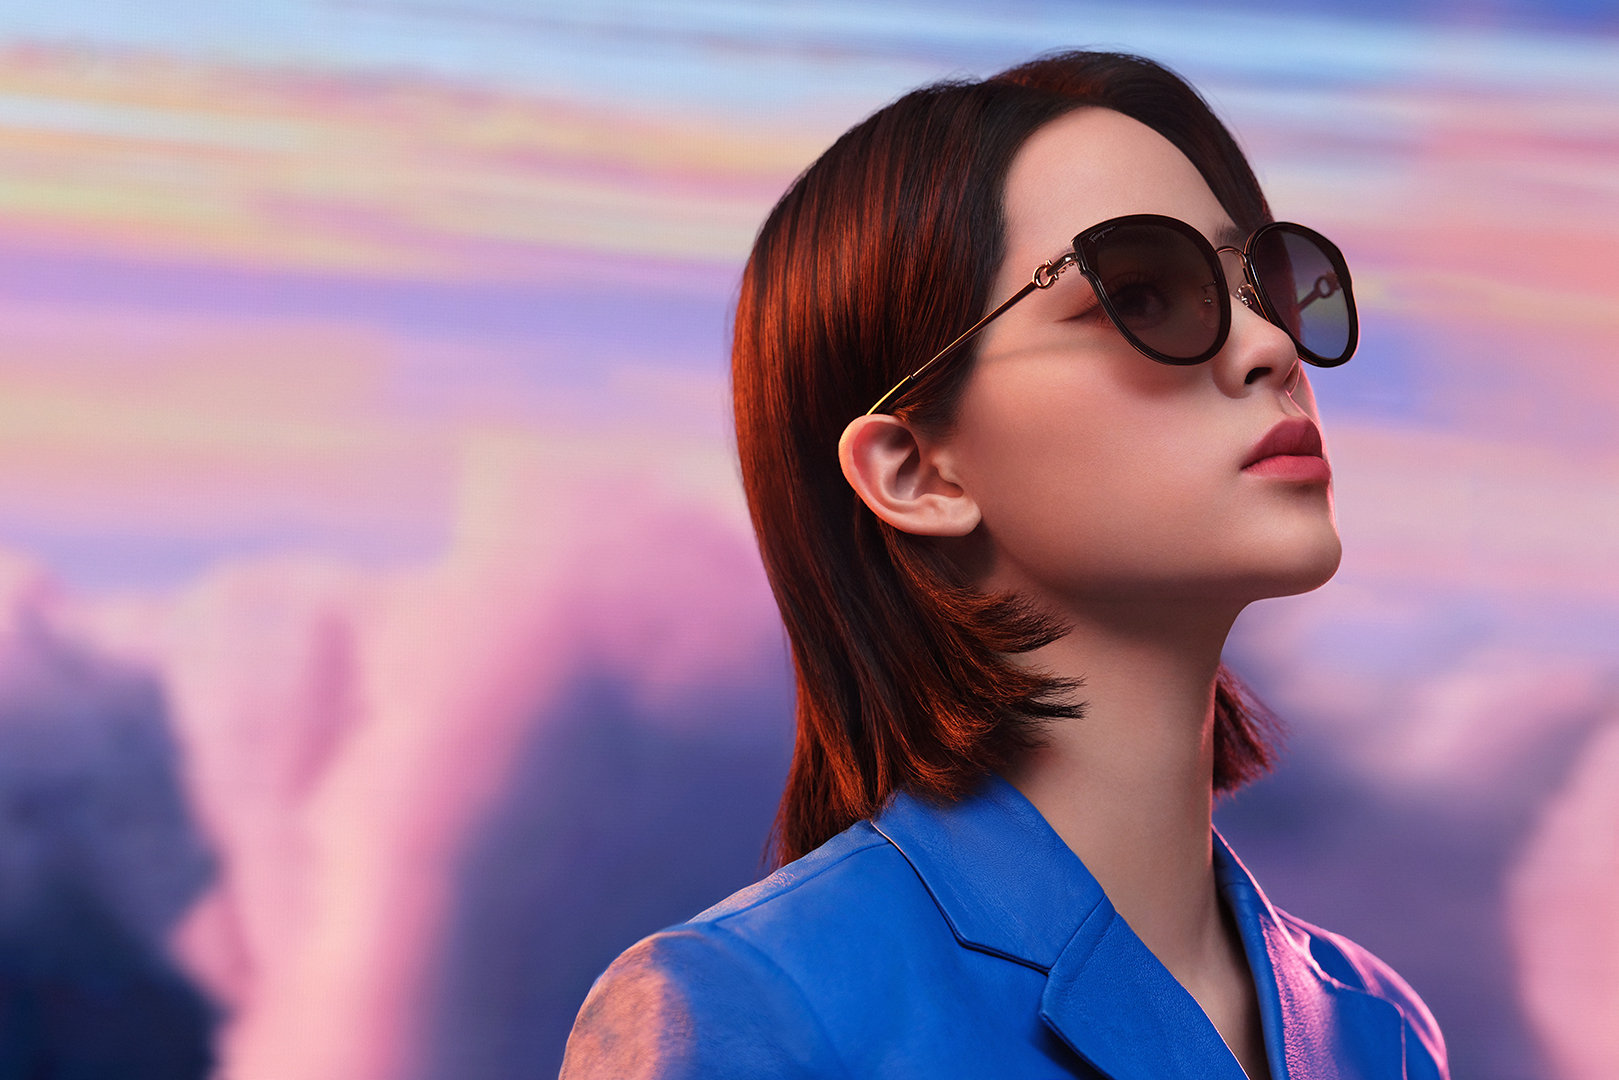 欧阳娜娜出任Salvatore Ferragamo菲拉格慕眼镜全球品牌代言人